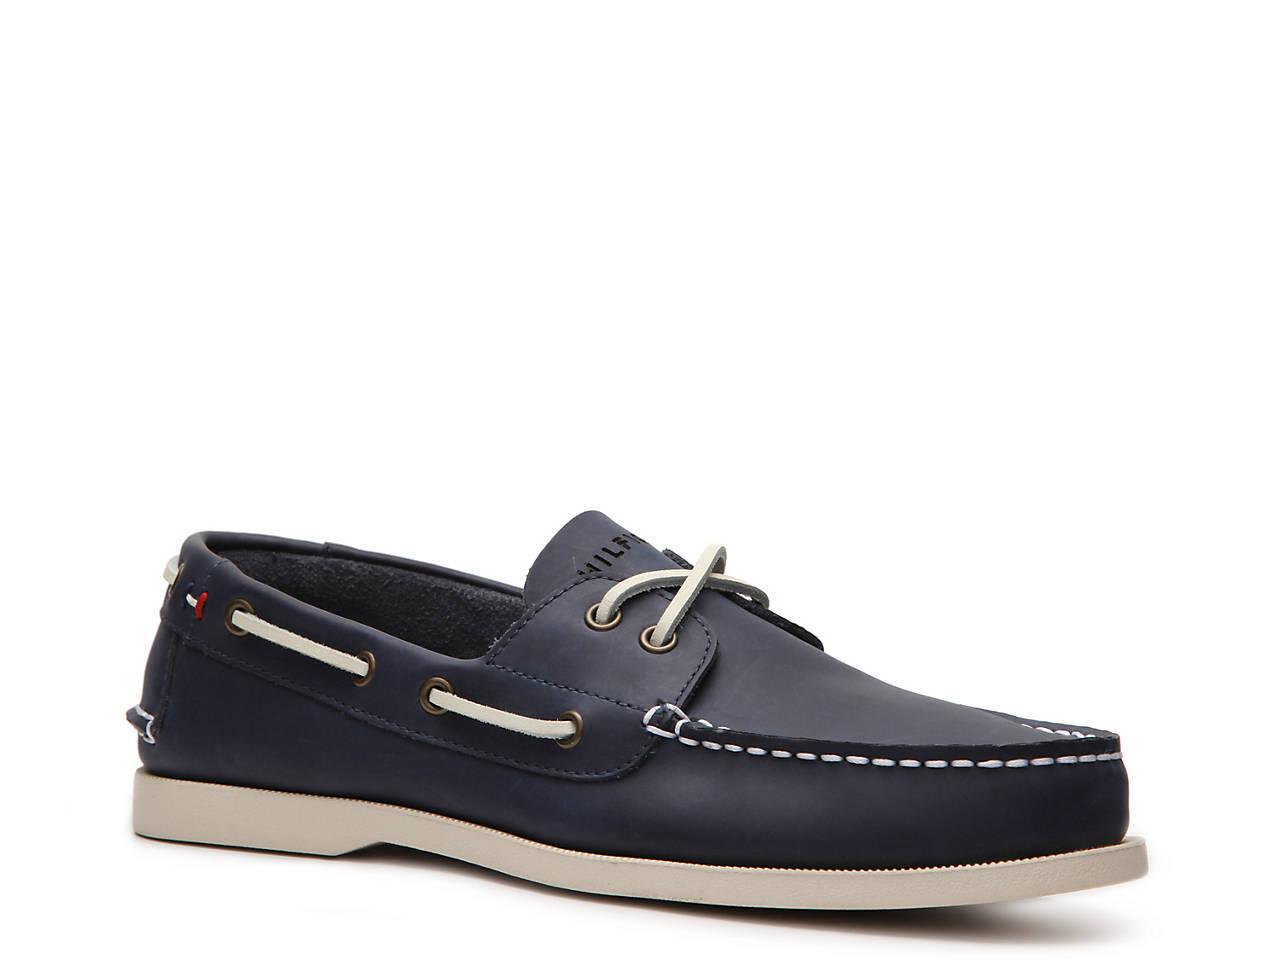 349e0e178 Tommy Hilfiger Bowman Boat Shoe Men s Shoes